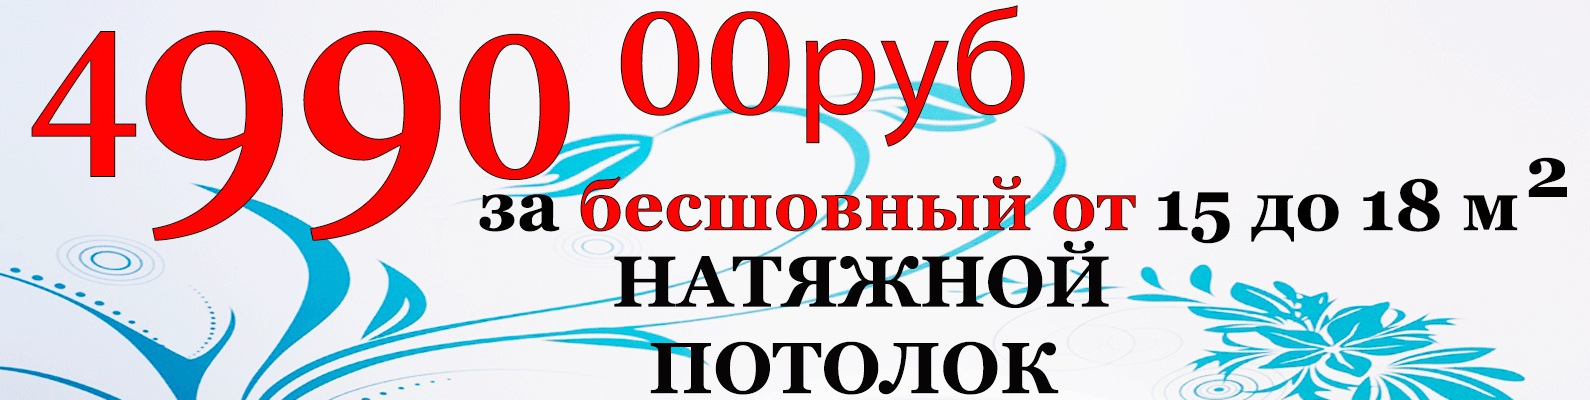 Марки price Новотроицк Опиаты Недорого Пятигорск